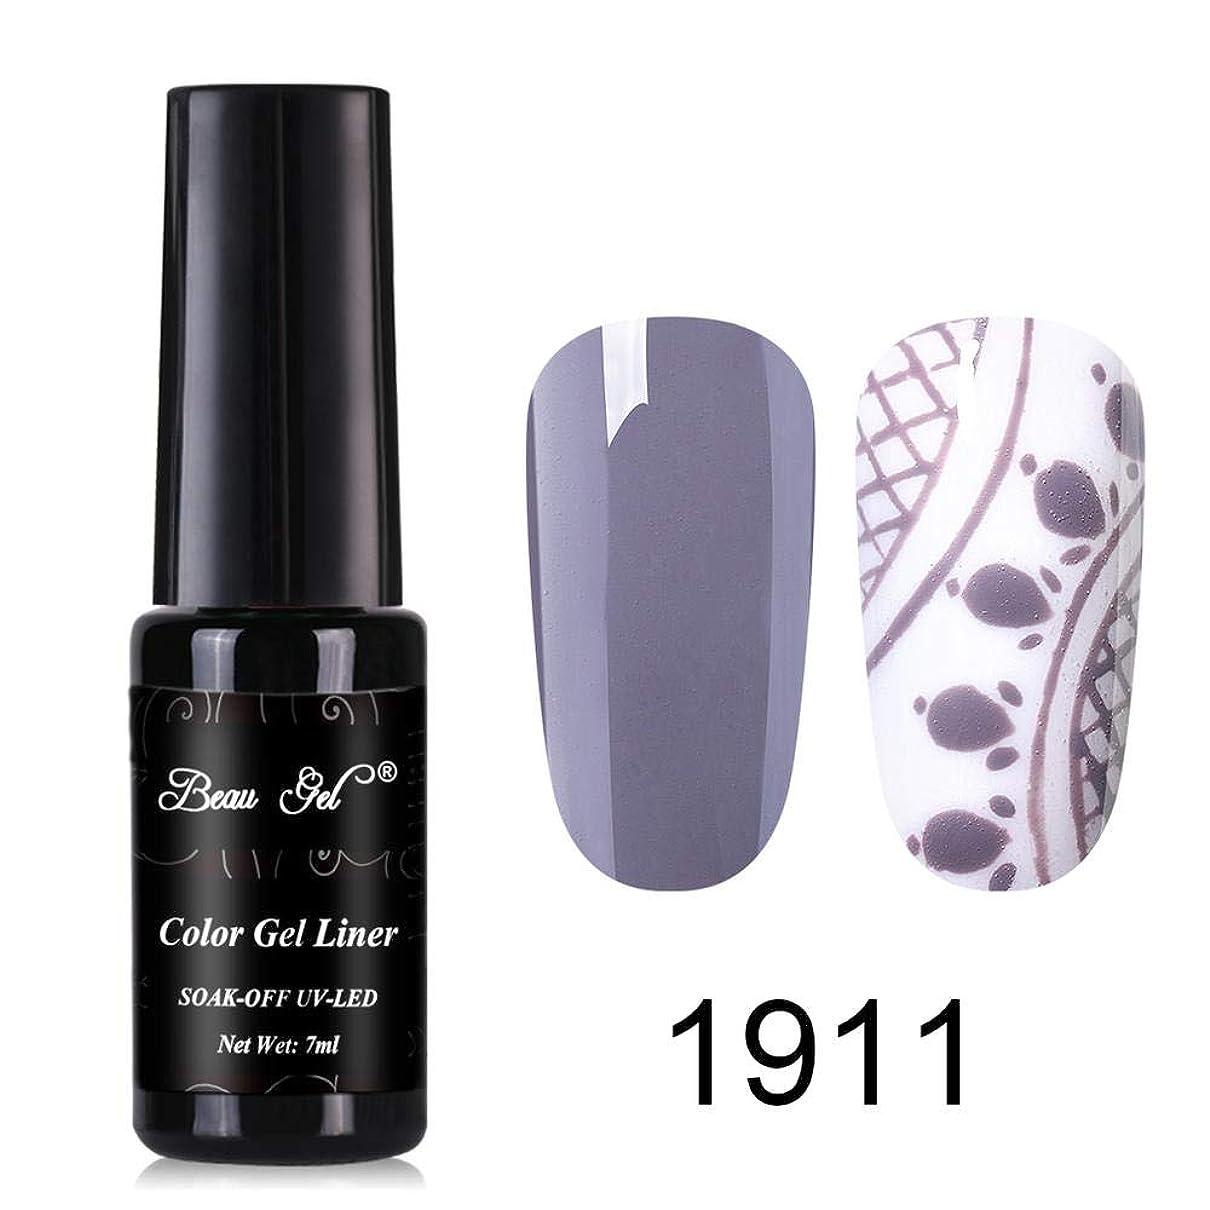 十分に要旨排出Beau gel ジェルネイル カラージェル ライナージェル 細いブラシタイプ 1色入り 8ml-1911